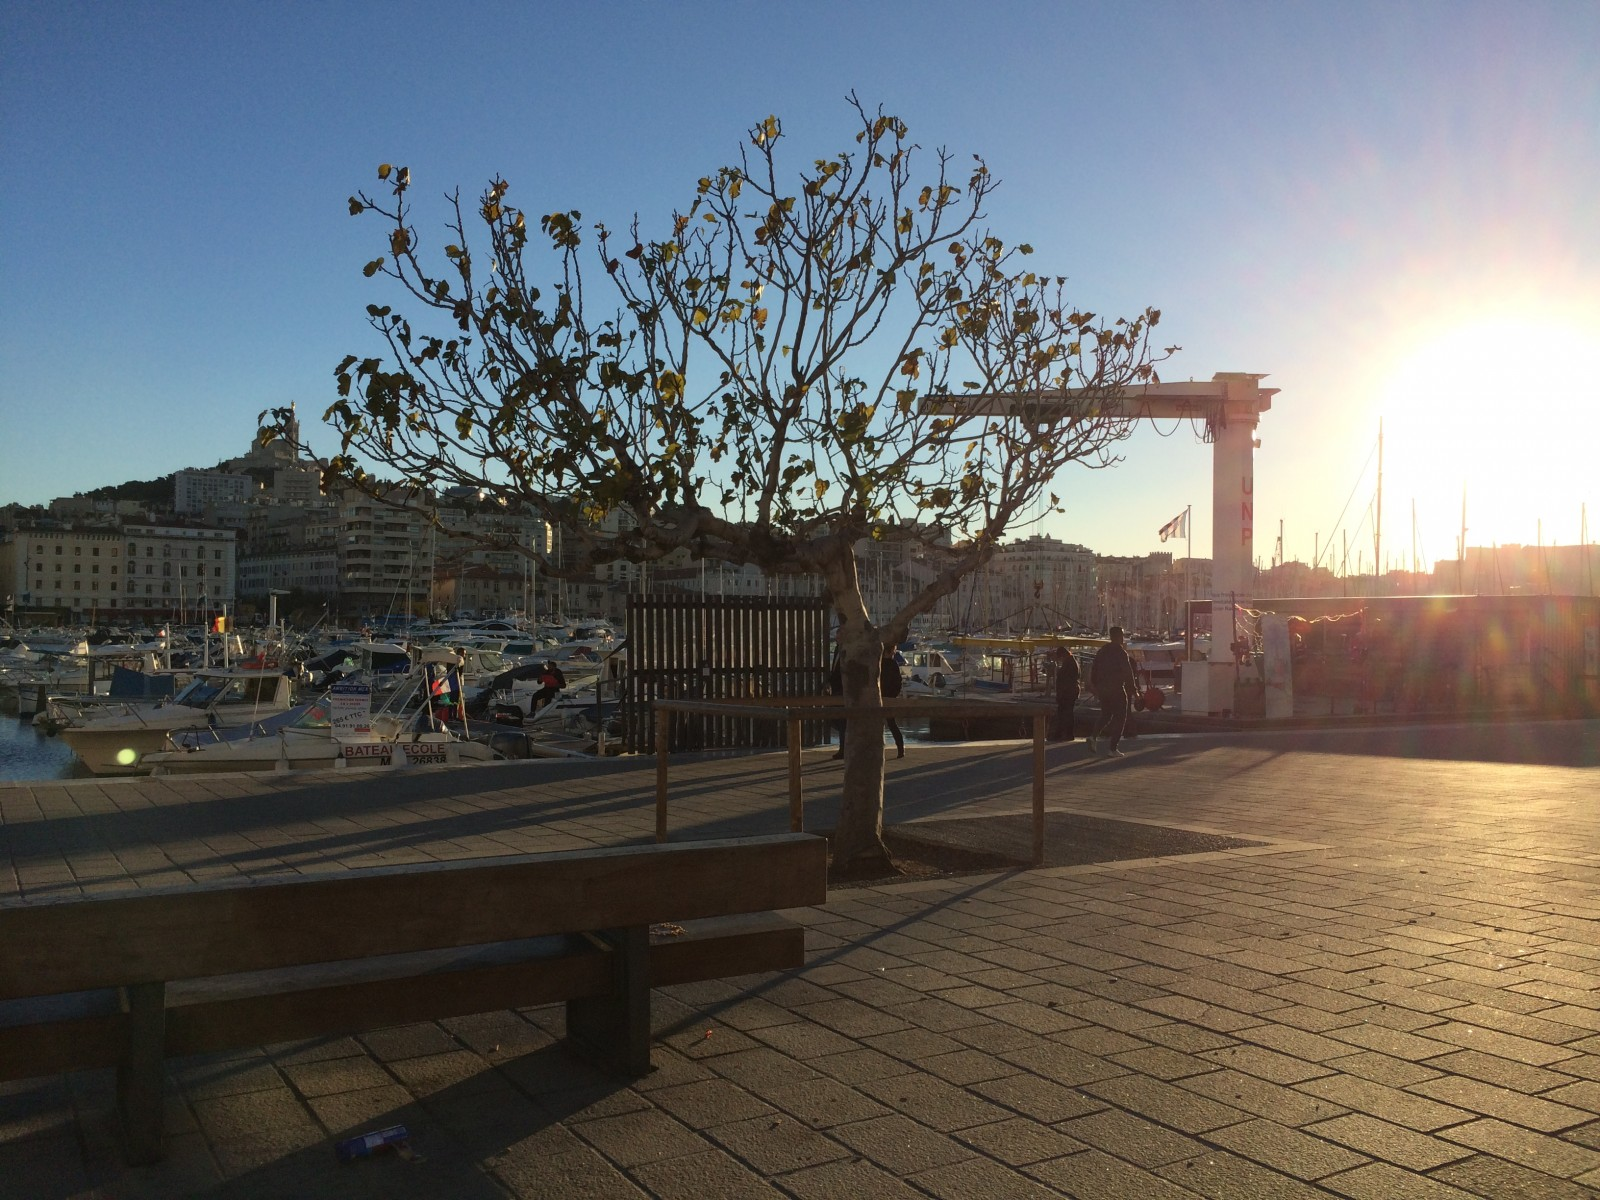 Le figuier du Vieux-Port de Marseille. ©MD